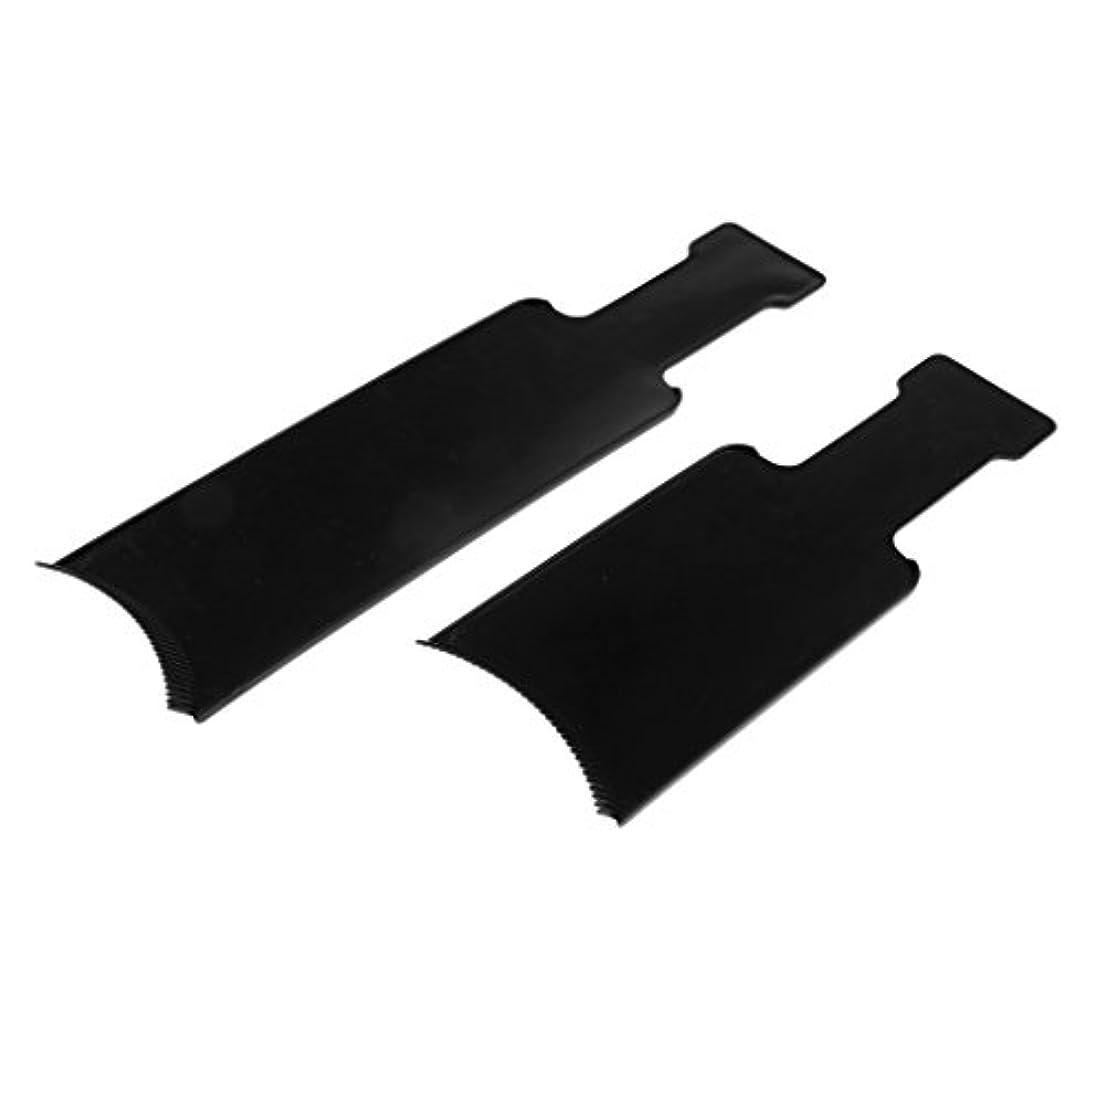 思い出マトロン層DYNWAVE ヘアカラーボード 染色櫛 染色プレート ヘアカラー プラスチック製 美容ツール 黒 2個入